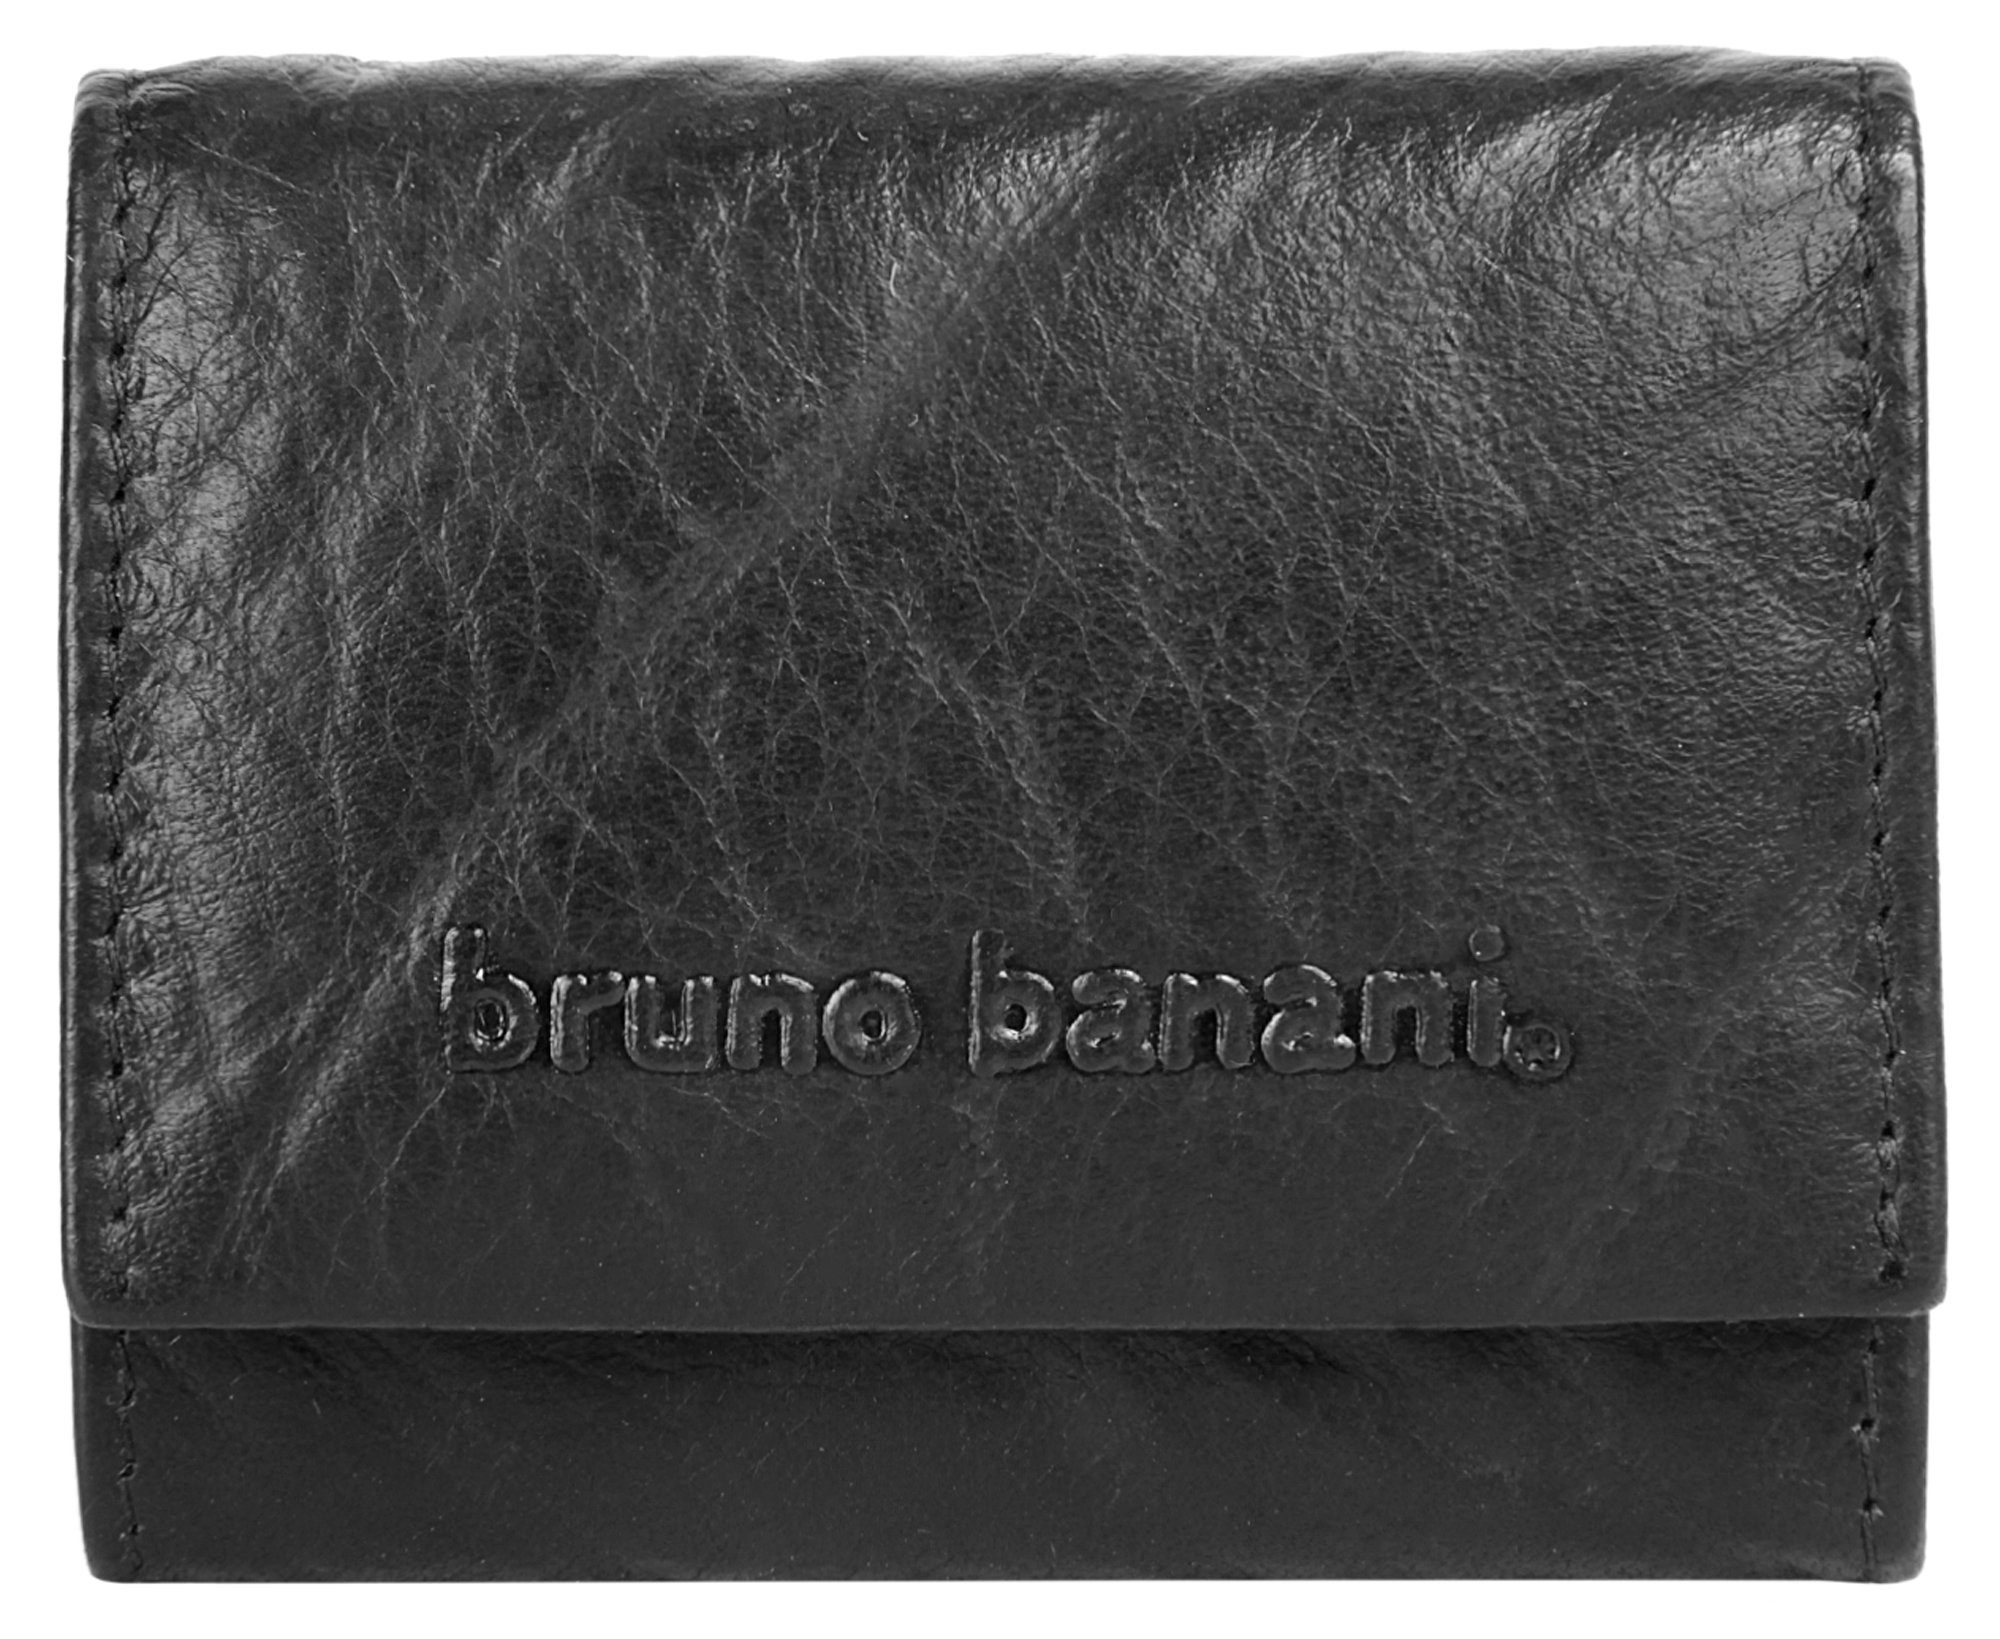 Bruno Banani Geldbörse, besonders schlankes Design